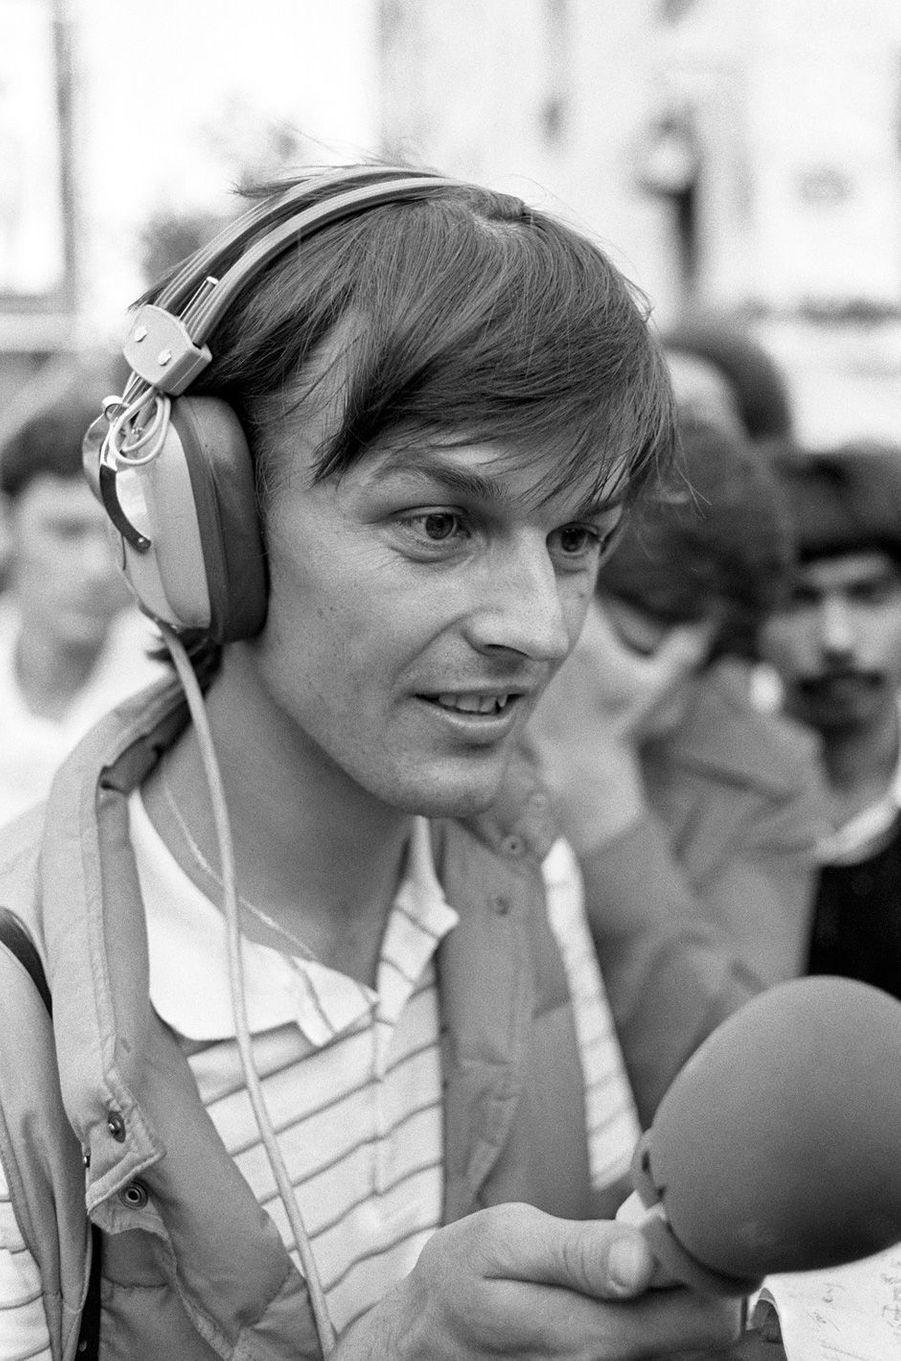 Nicolas Hulot, le 02 juillet 1982 aux abords du Centre Pompidou à Paris lors de l'enregistrement de son émission diffusée sur France Inter.